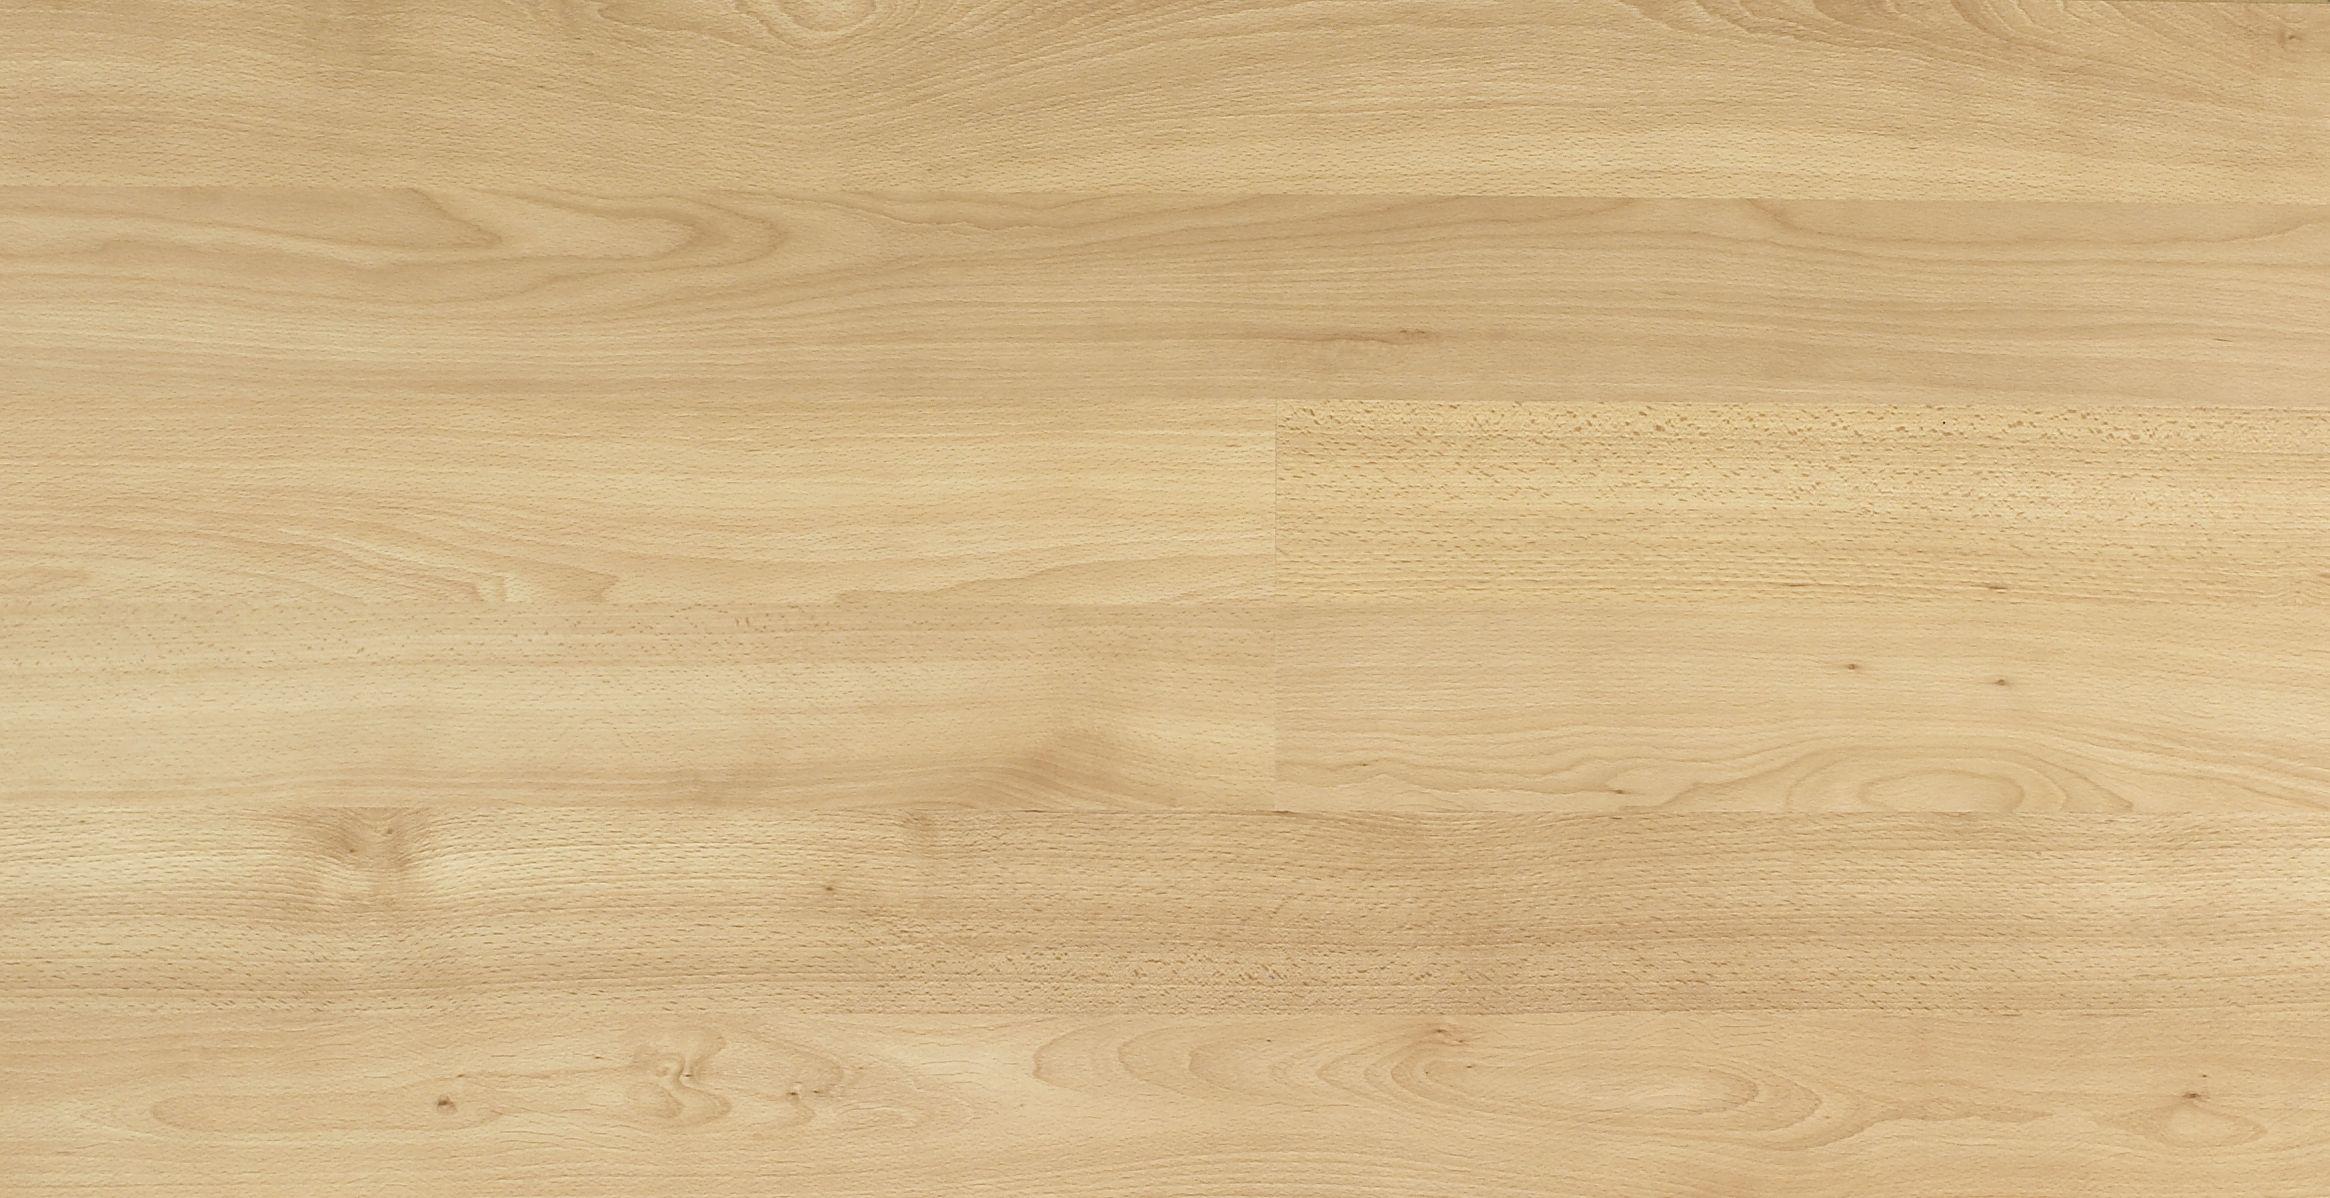 light wood floor background. wood tiles texture wooden